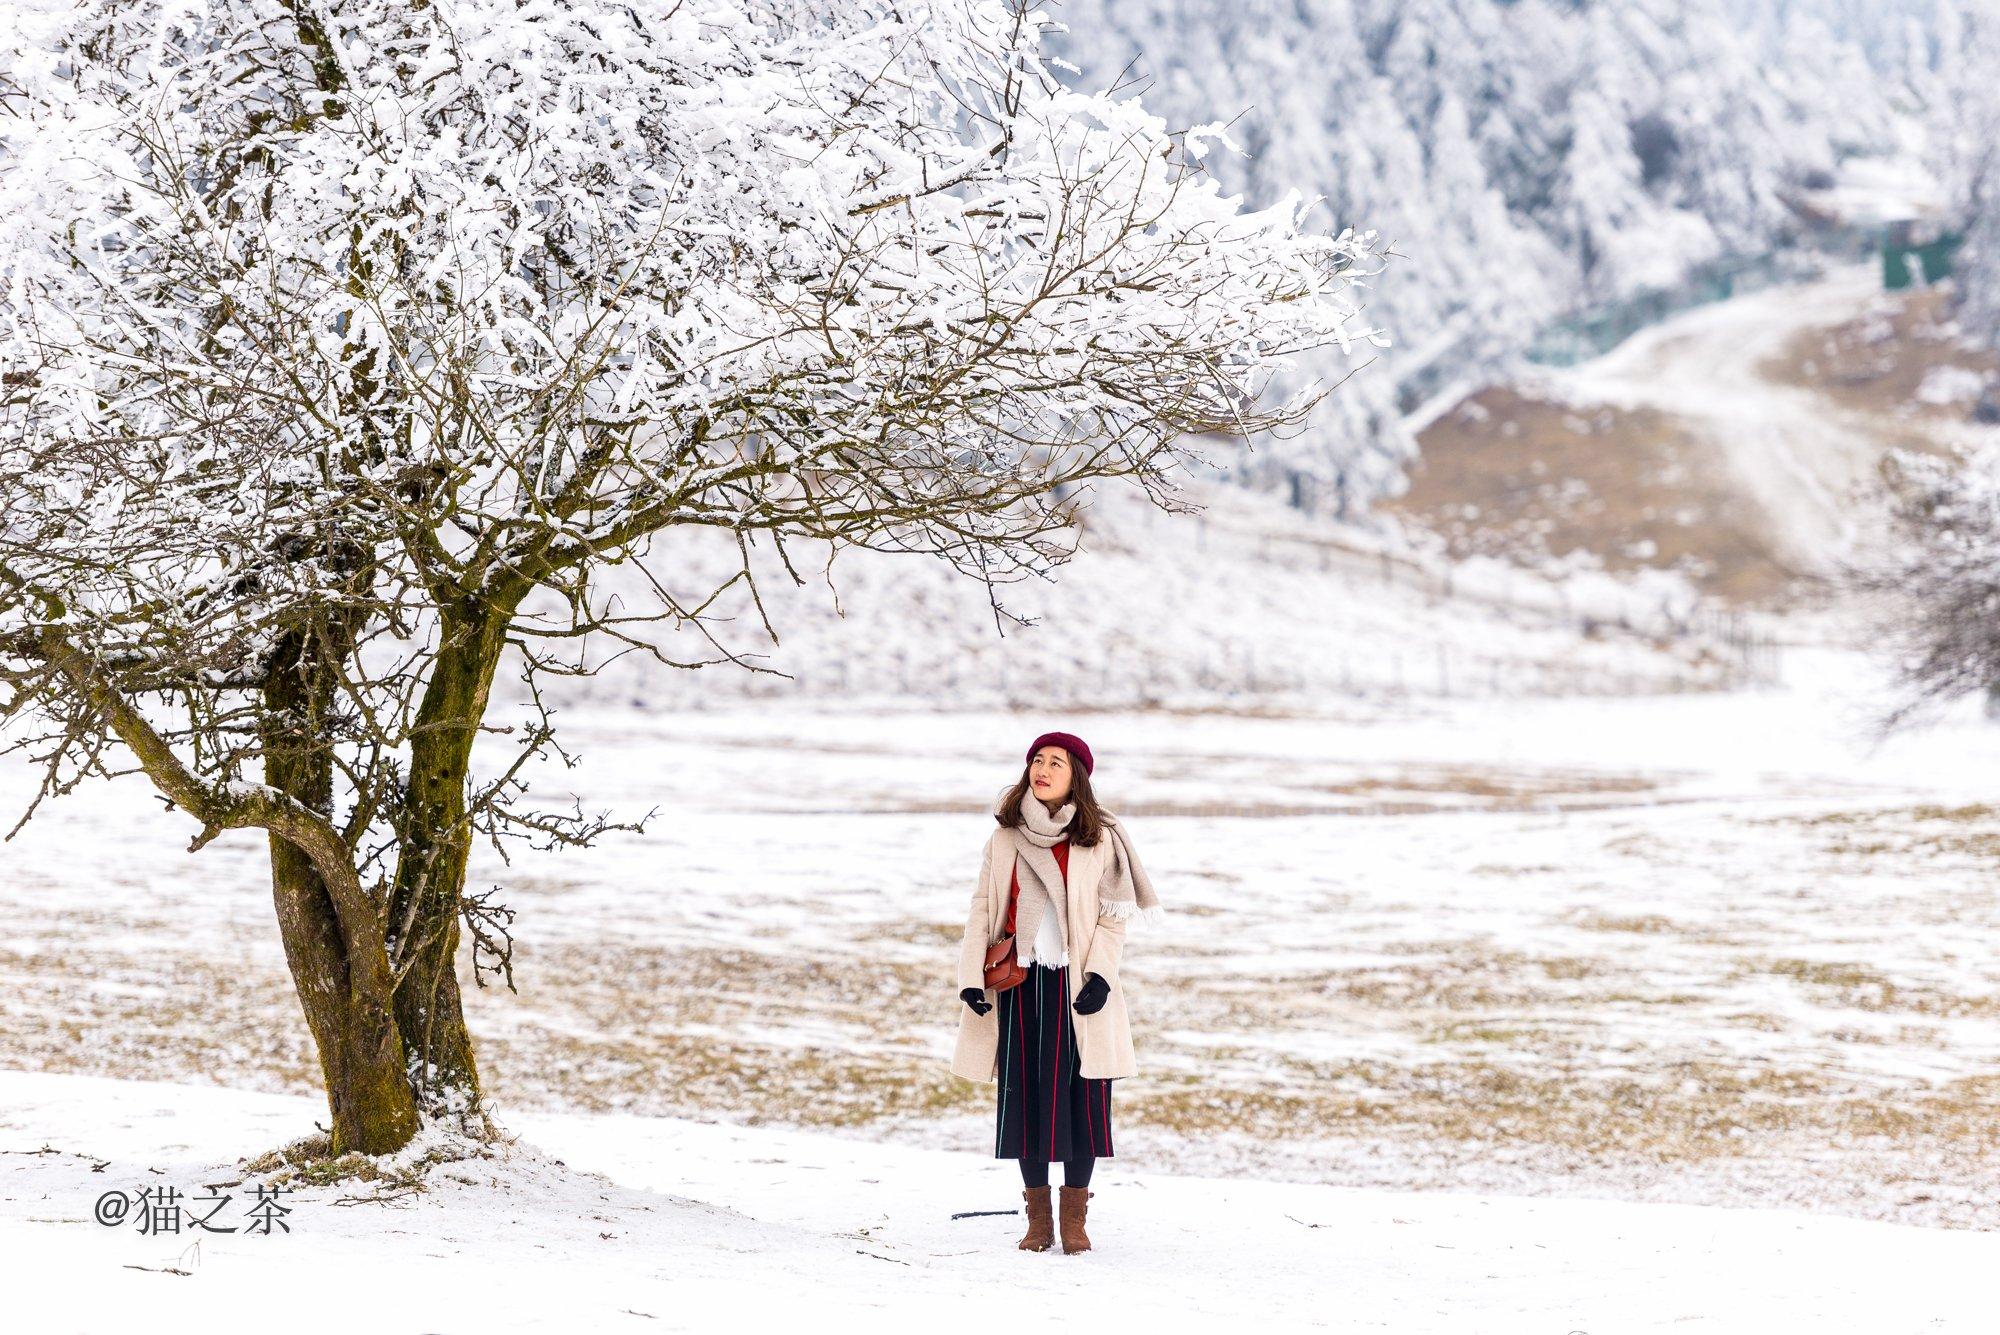 春节去哪儿玩?到重庆武隆赏雪景,过大年,嗨翻天!